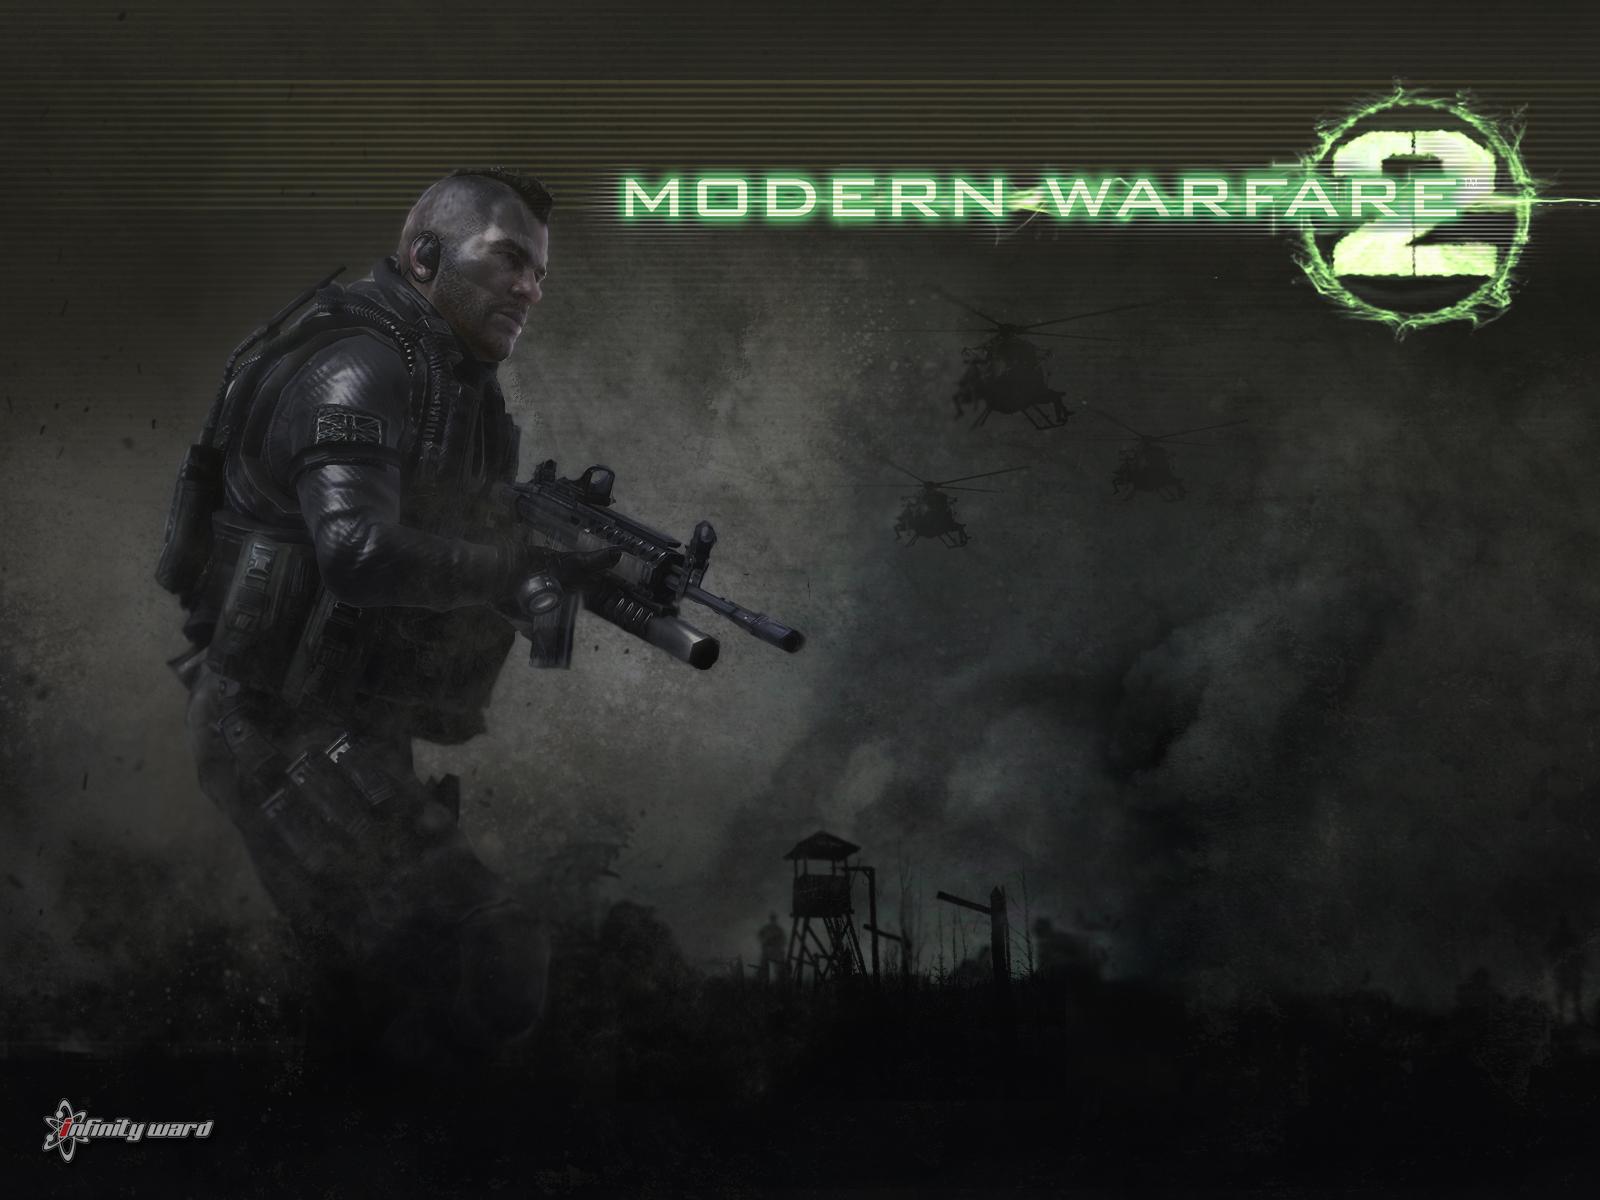 http://4.bp.blogspot.com/_Mqh06Ppl0k8/TSdfTSXKZbI/AAAAAAAAABY/9FAygtMqaGo/s1600/Call-of-Duty-Modern-Warfare-2.jpg